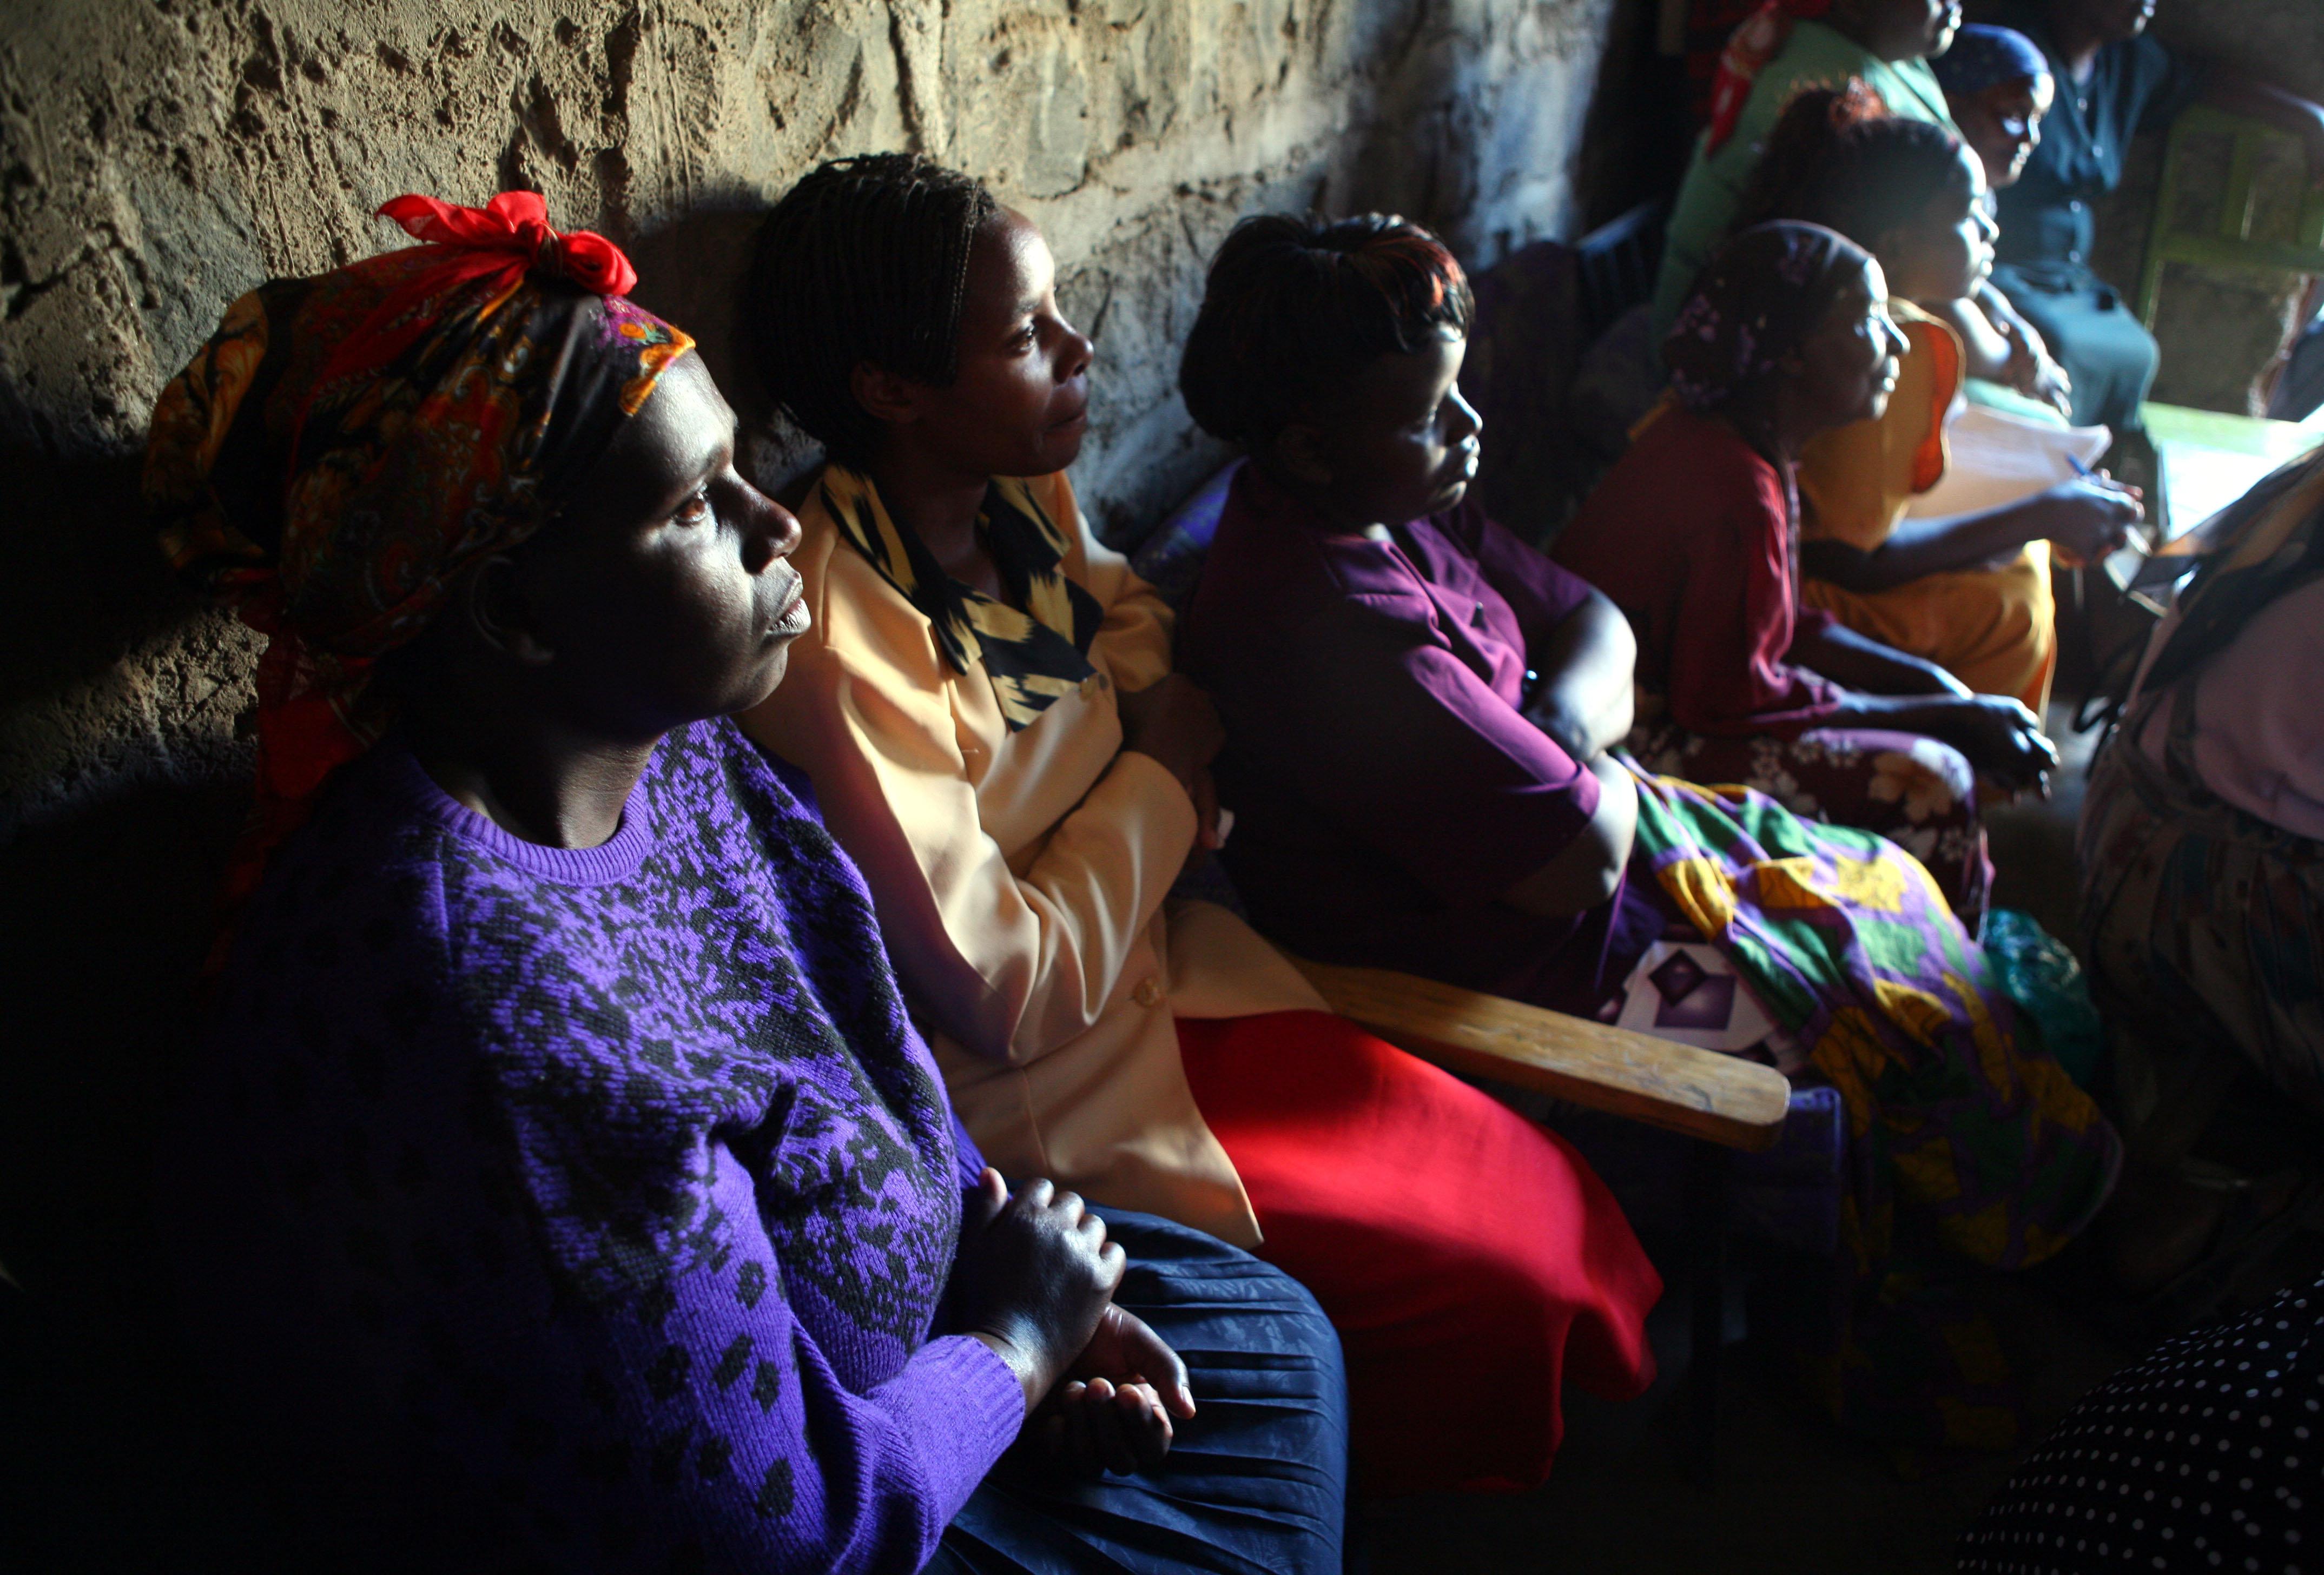 Οι χήρες της Κένυας και ένα σκληρό έθιμο: Ο βιασμός τους ως κάθαρση, μετά τον θάνατο του